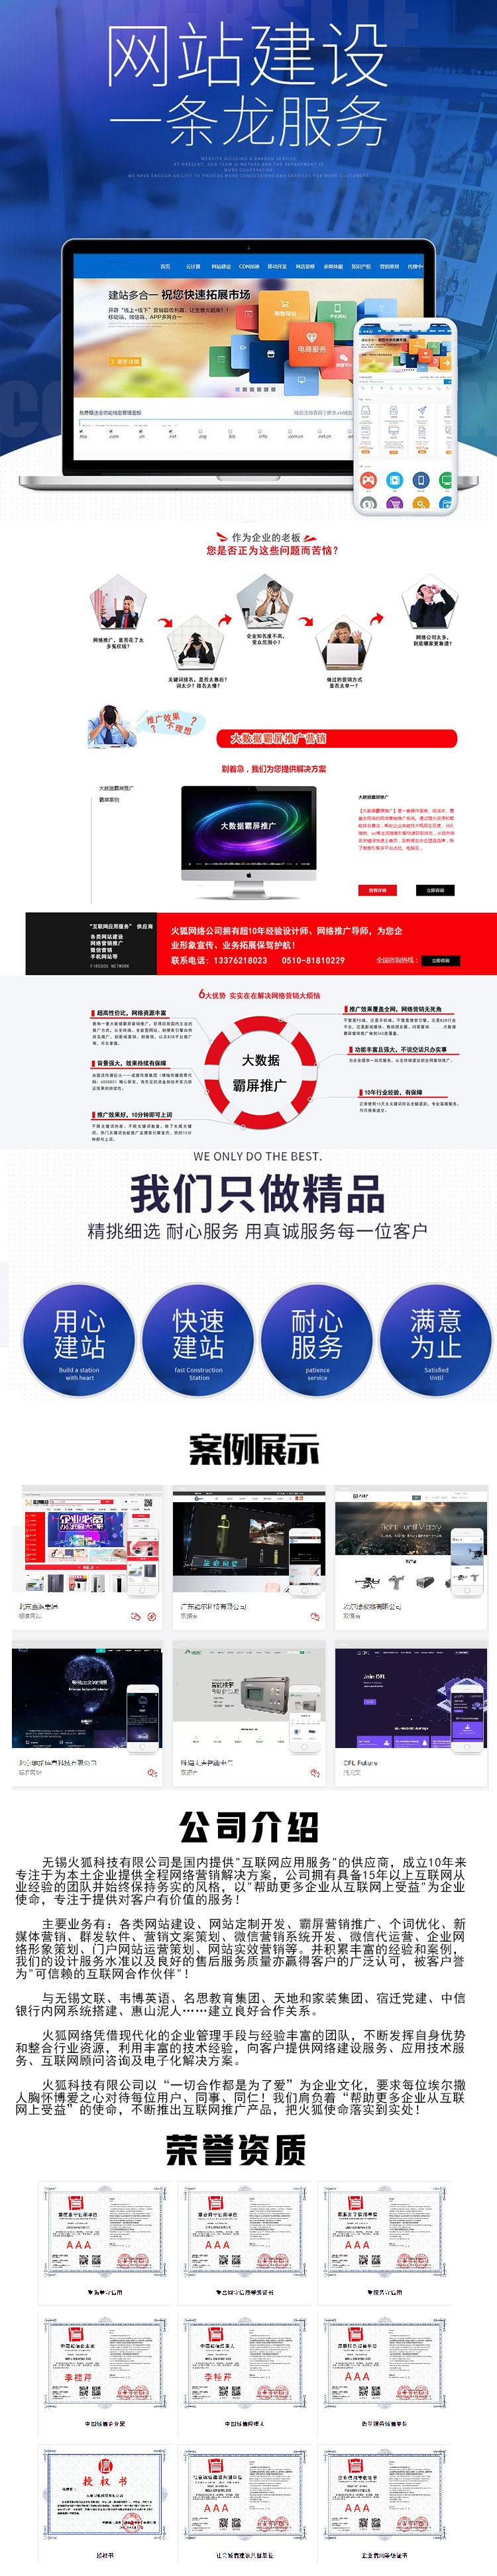 营销型网站建设_搭建商城网站_企业官网_网站定制开发